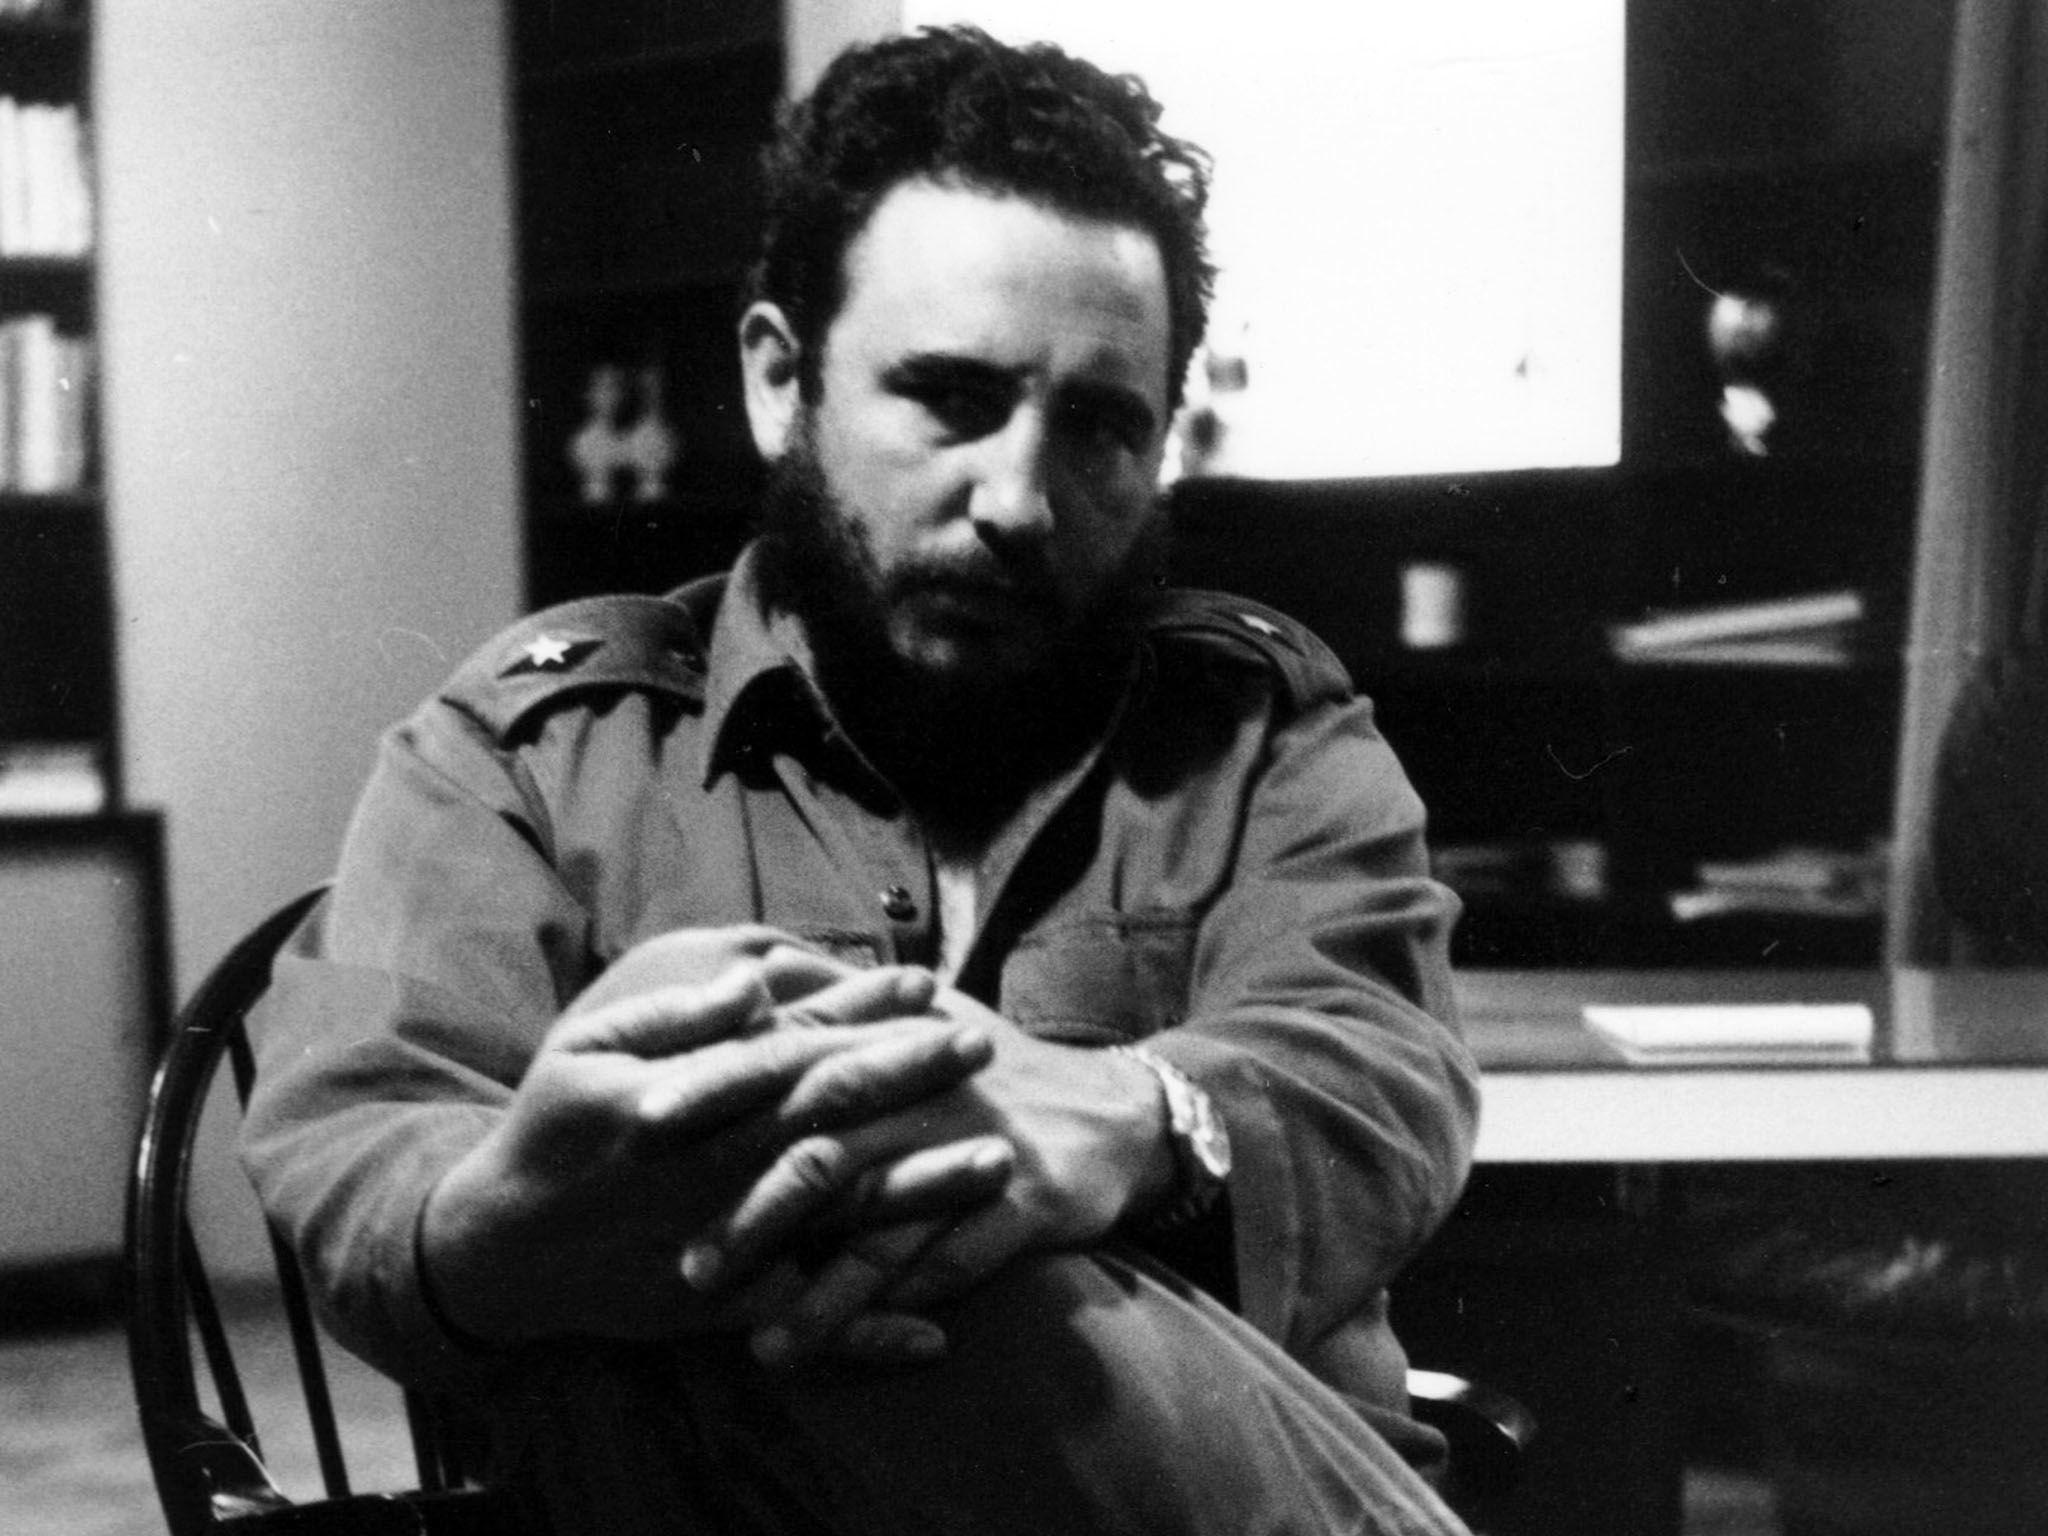 Havana, Cuba: Fidel Castro, maggio 1962. [Foto del giorno - giugno 2016]